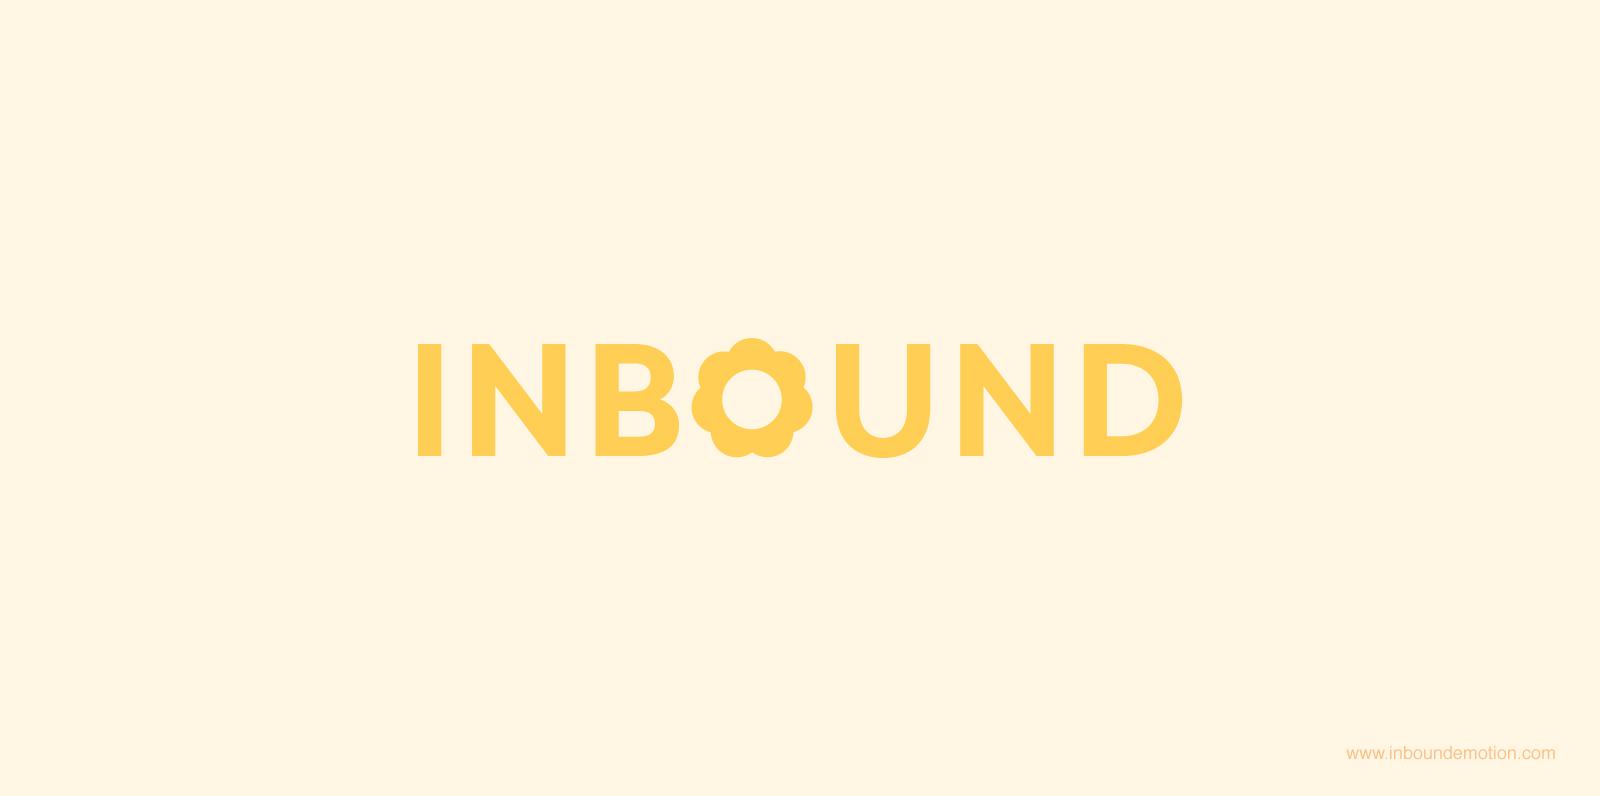 inbound